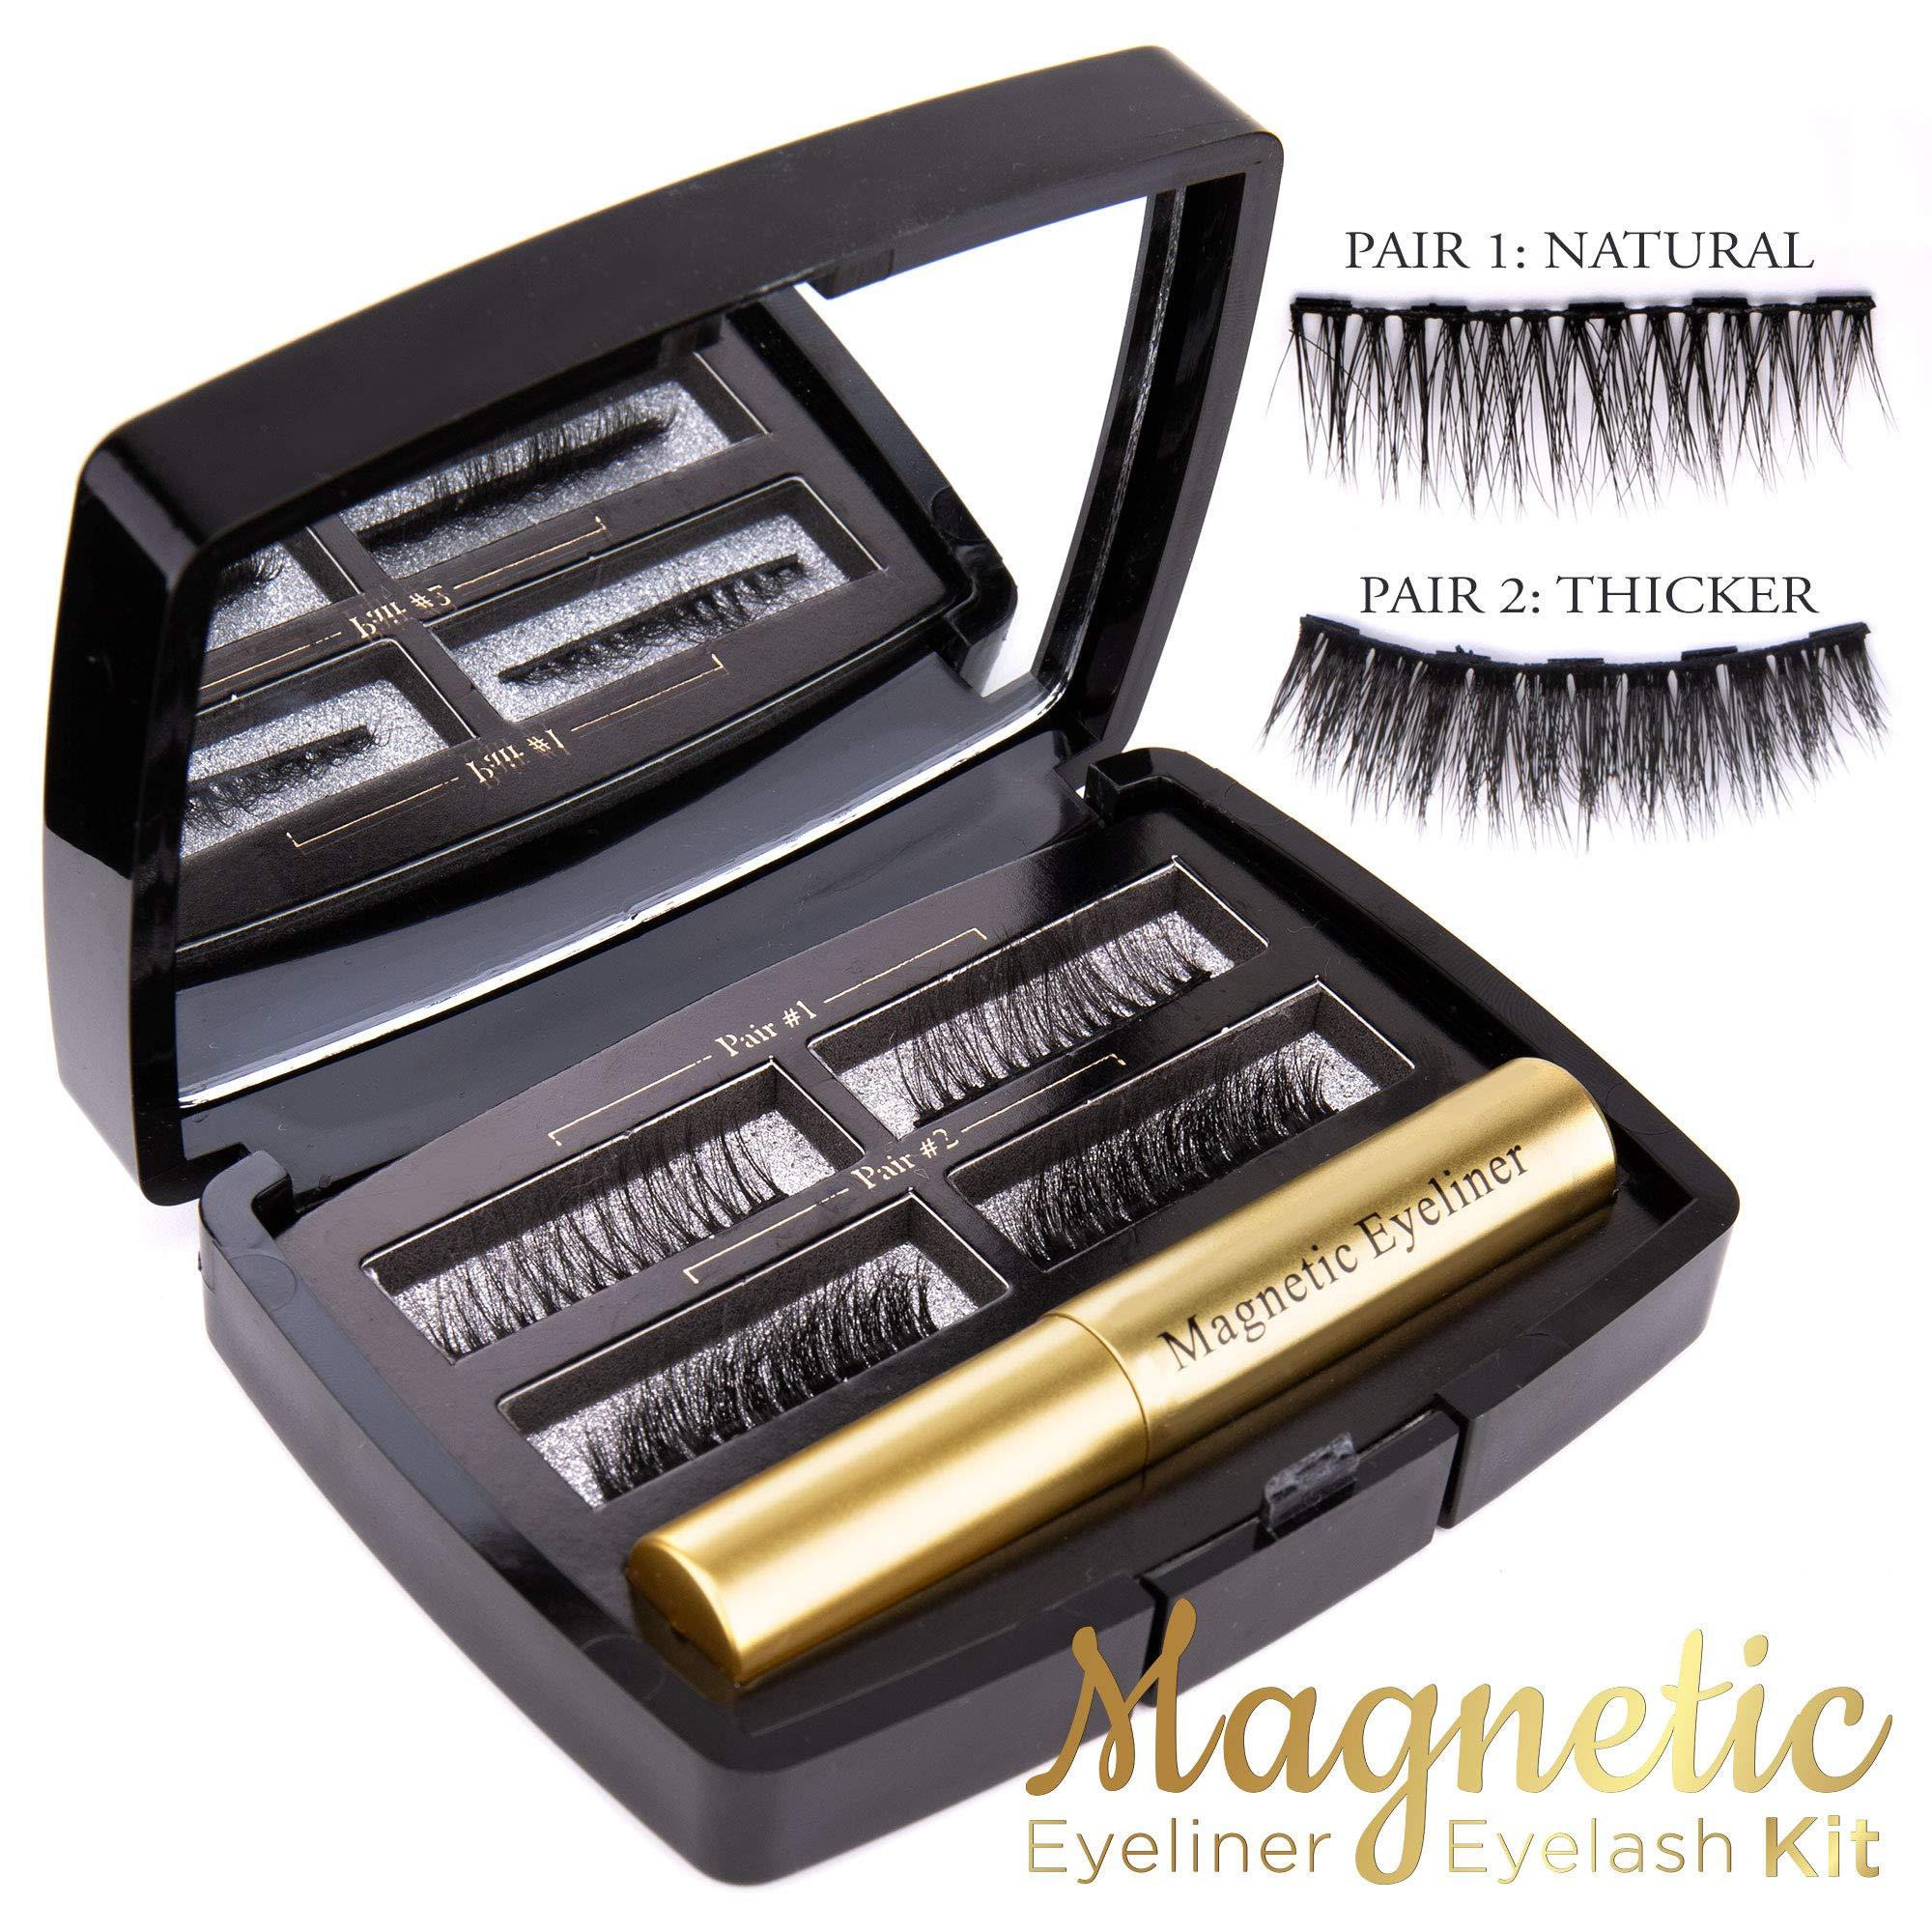 Magnetic Eyelashes with Eyeliner Kit [2 Pairs] - Magnetic Eyeliner to Use with Magnetic Eyelashes